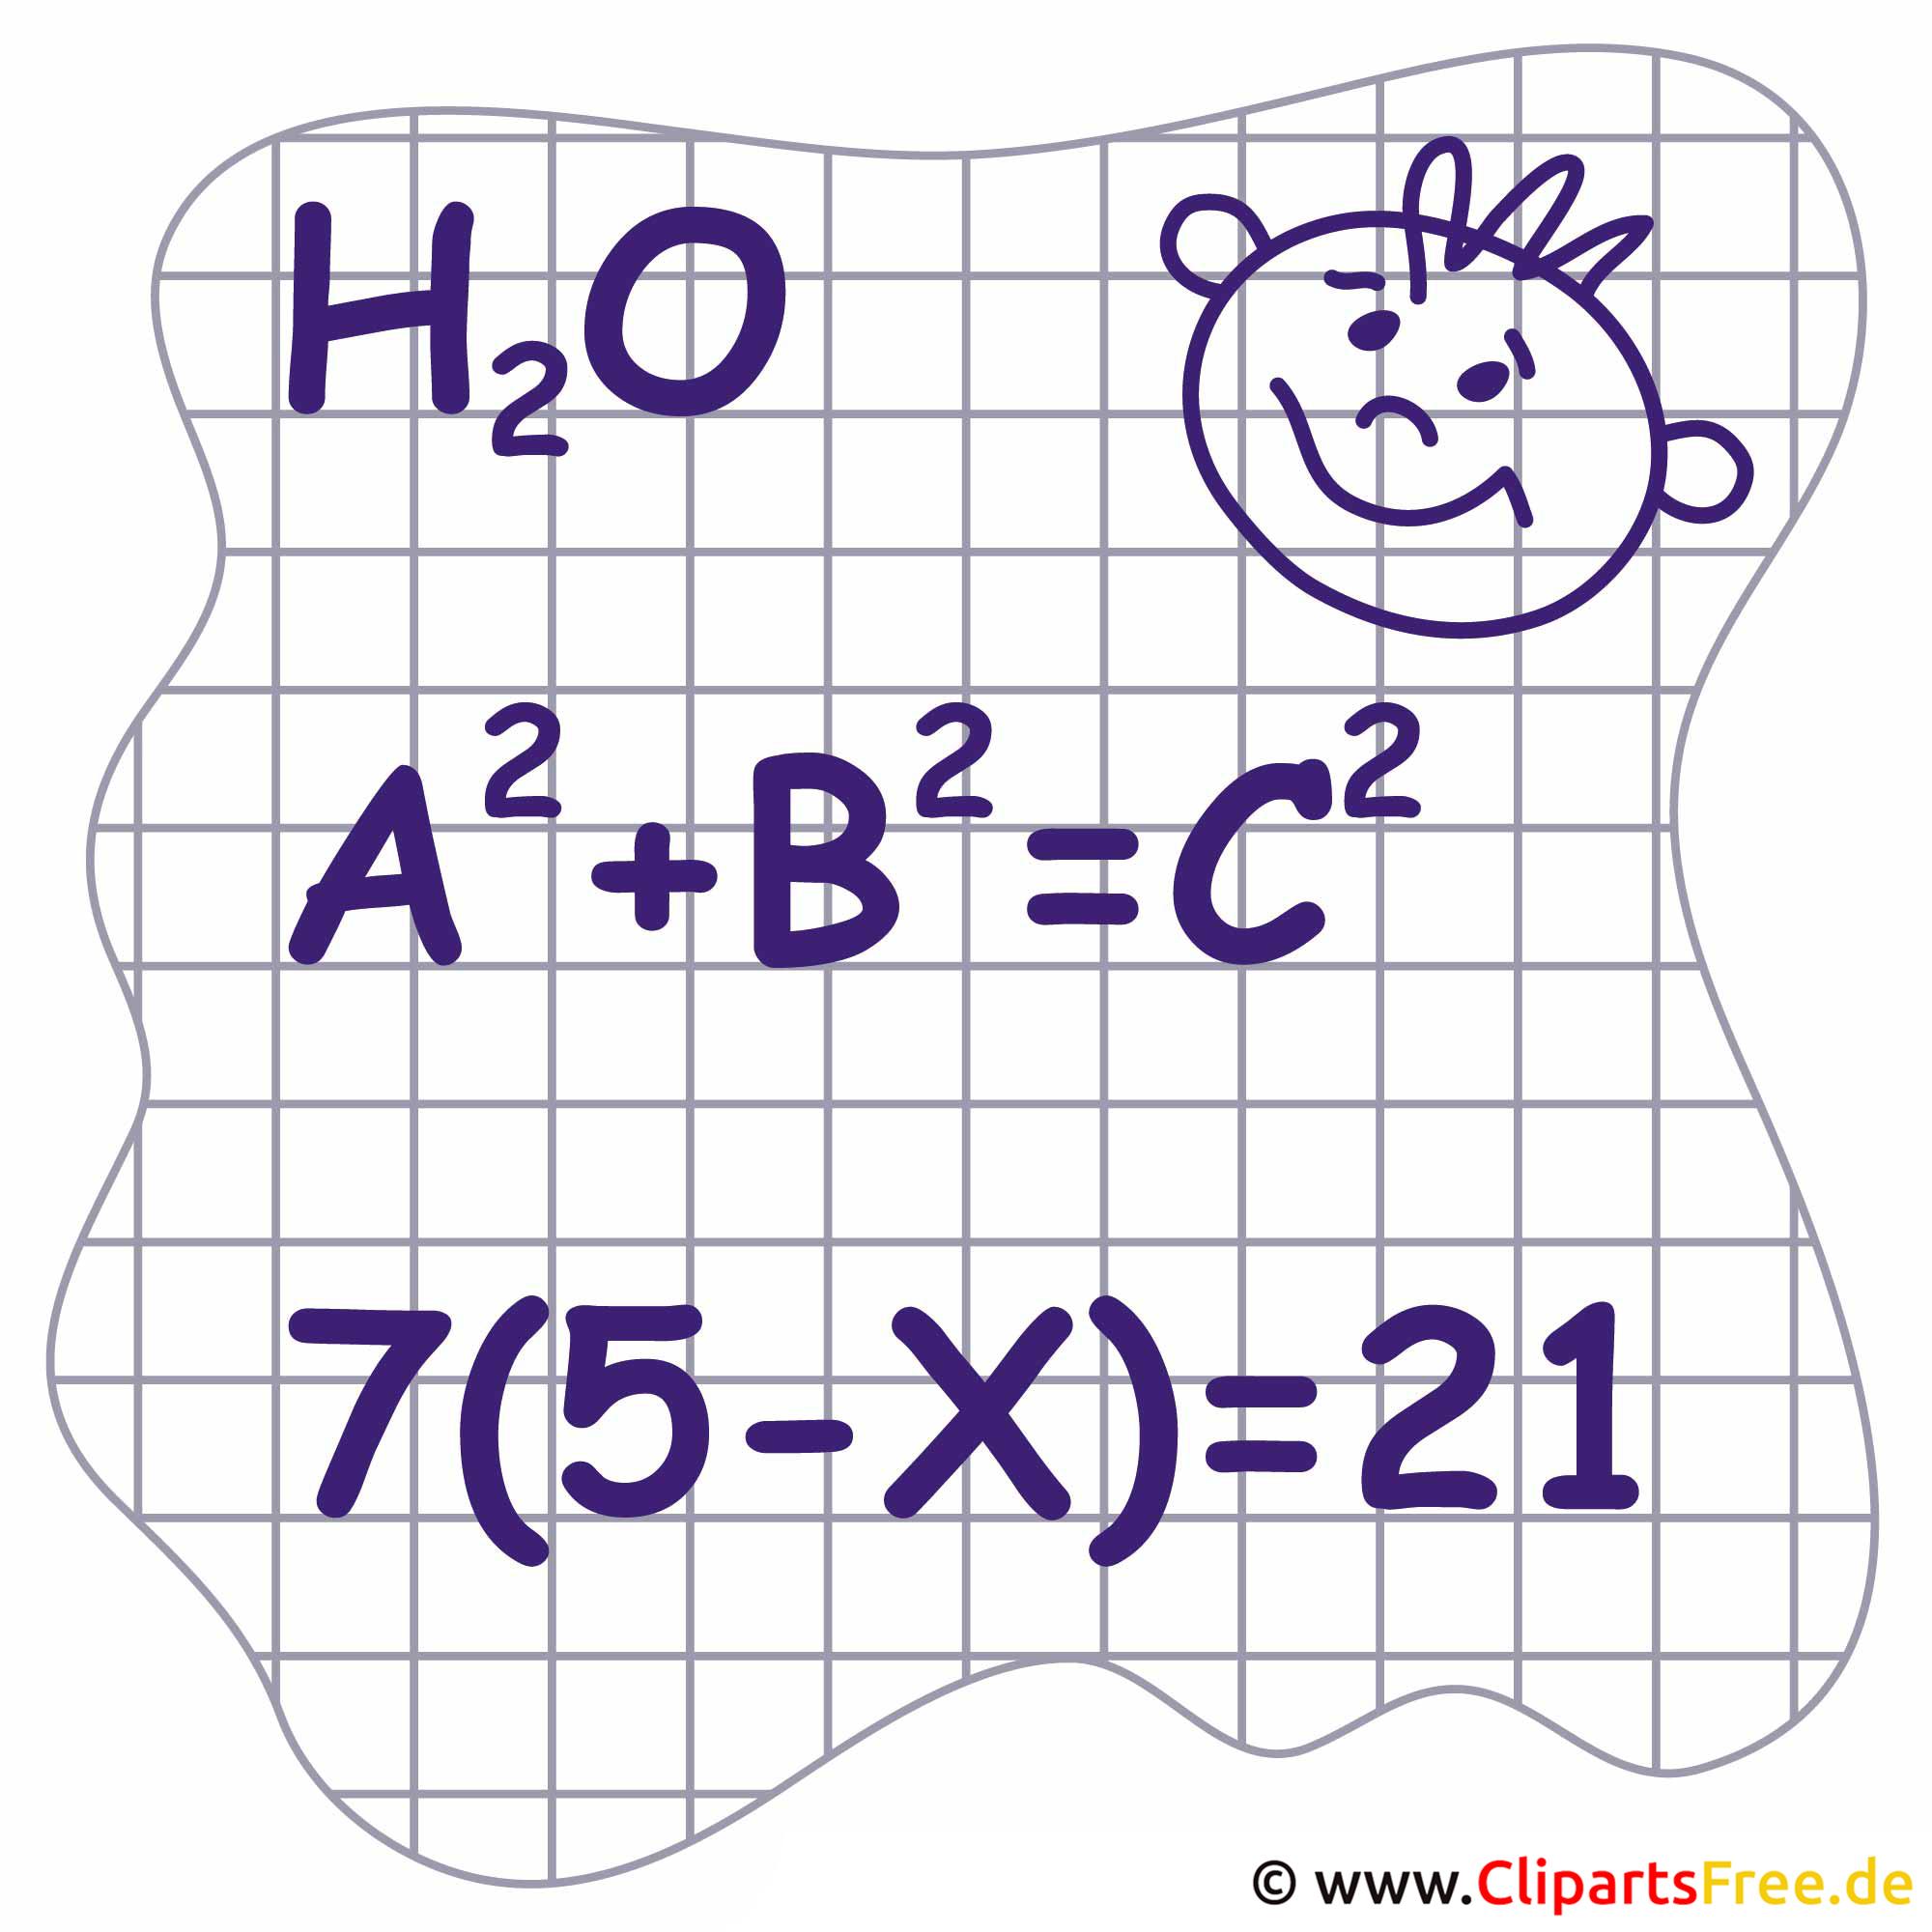 Mathematik Bilder - Schulbilder kostenlos